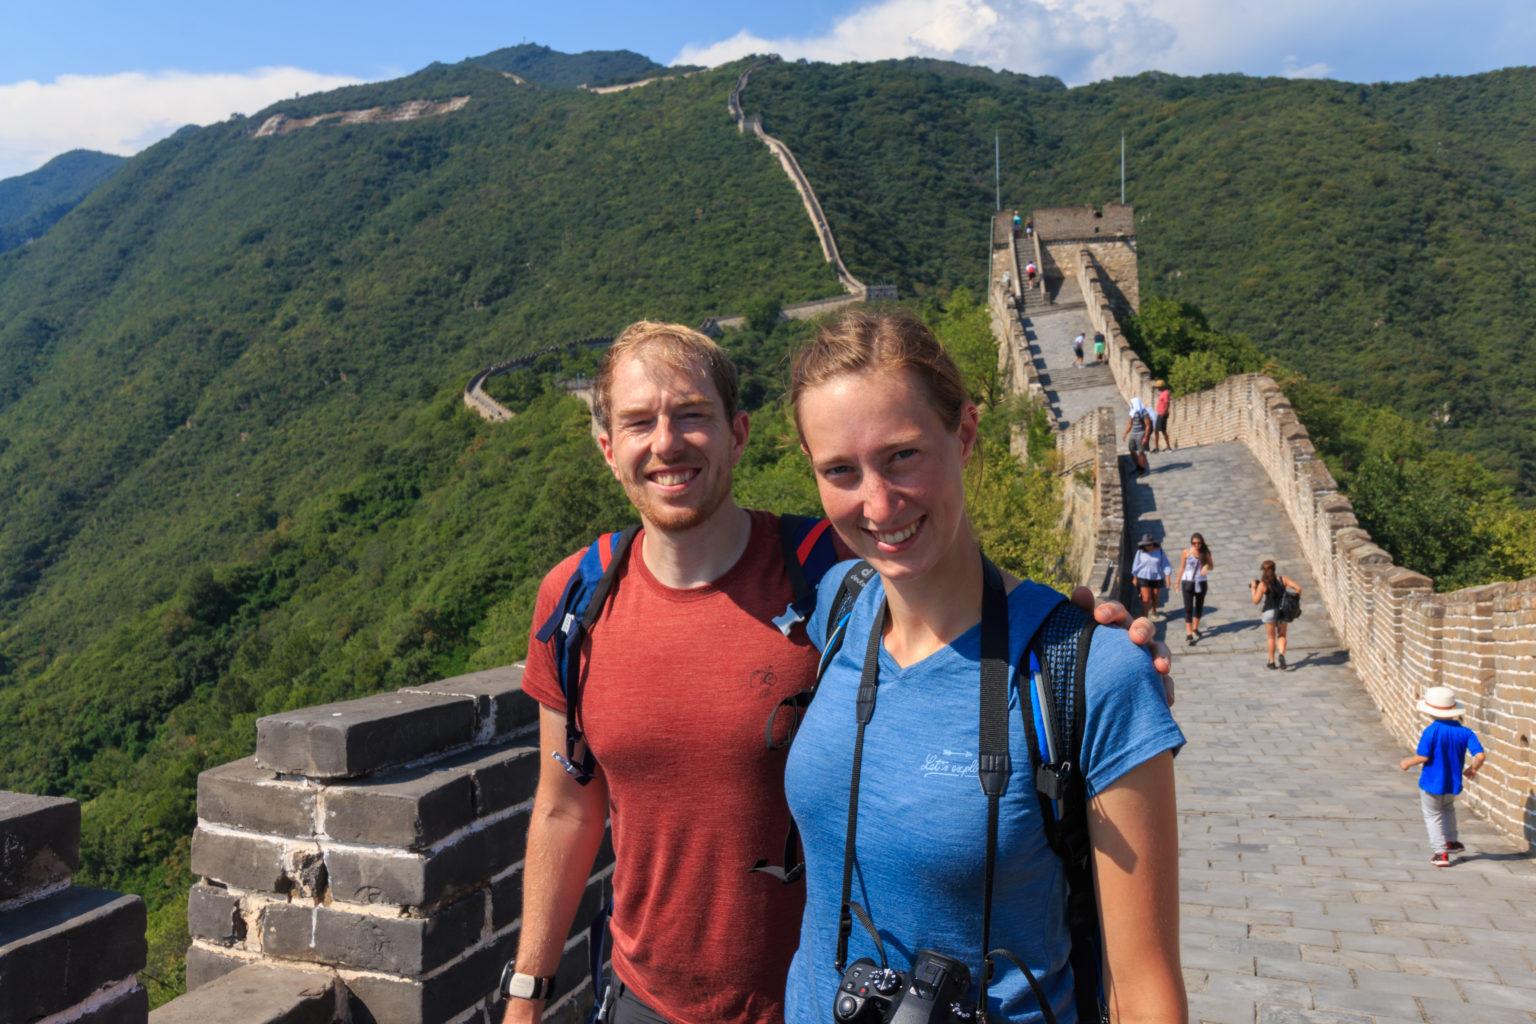 Abschnitt Mutianyu auf der Chinesischen Mauer